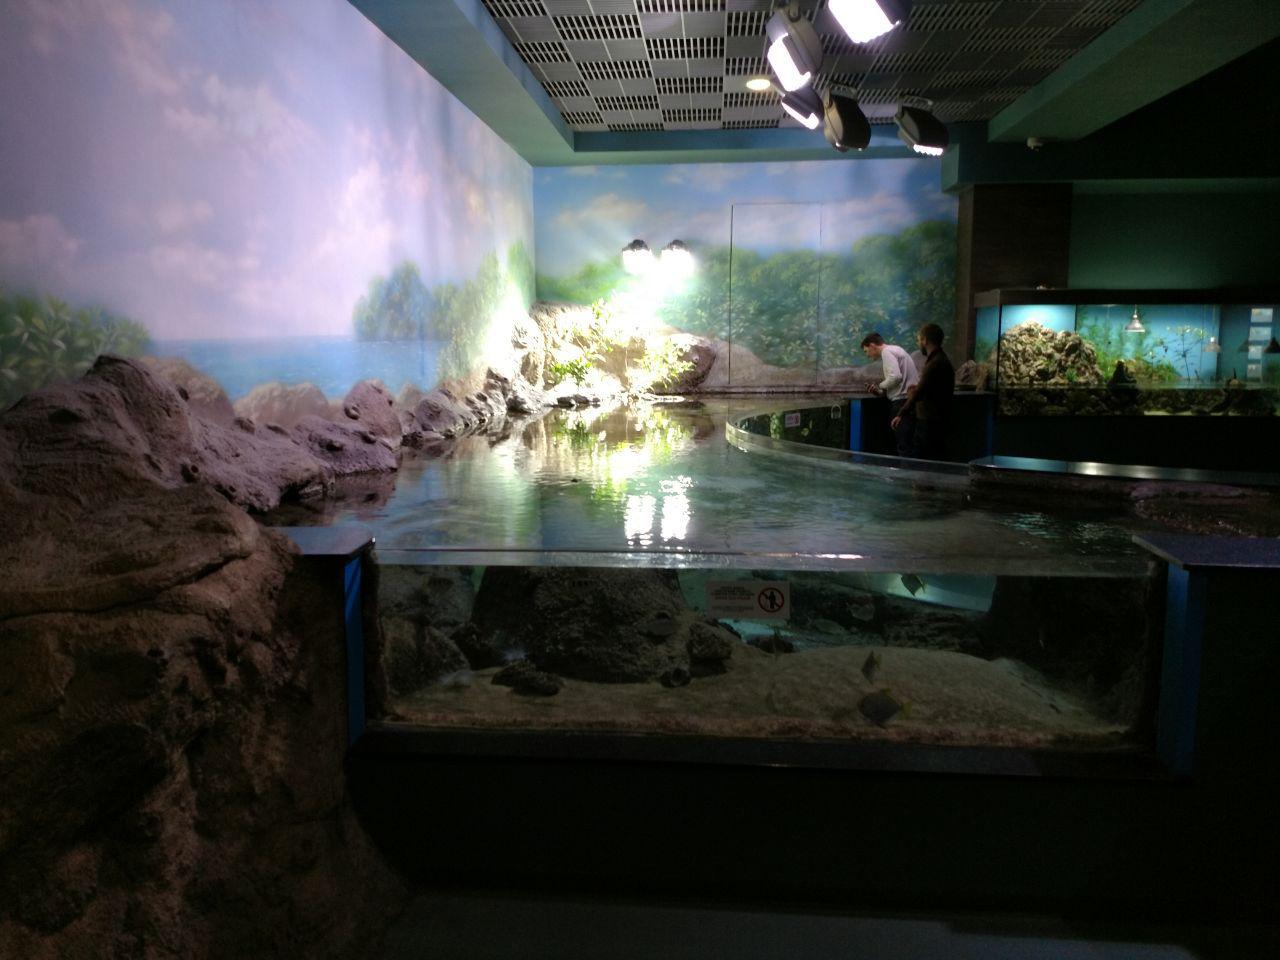 Океанариум на Внднх - Батин Блог